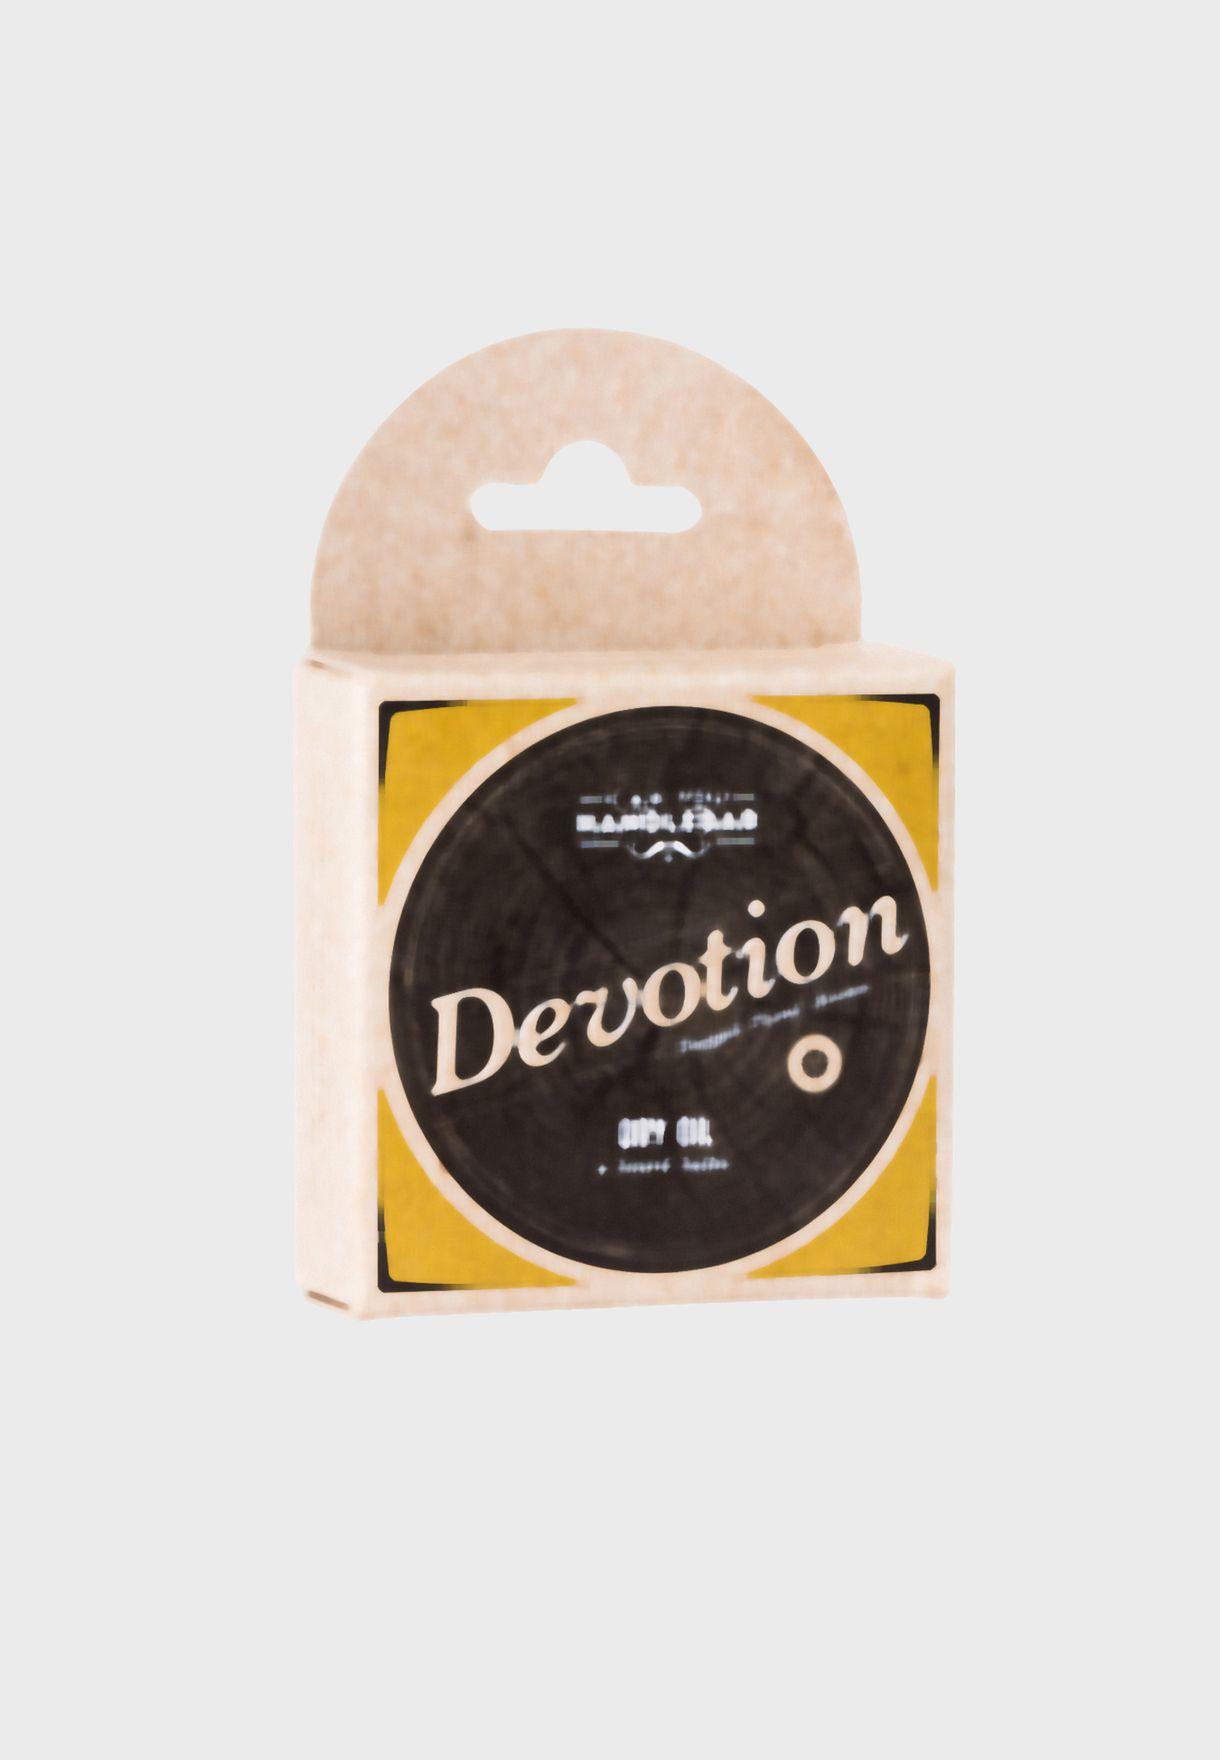 Dry Oil Beard Balm - Devotion